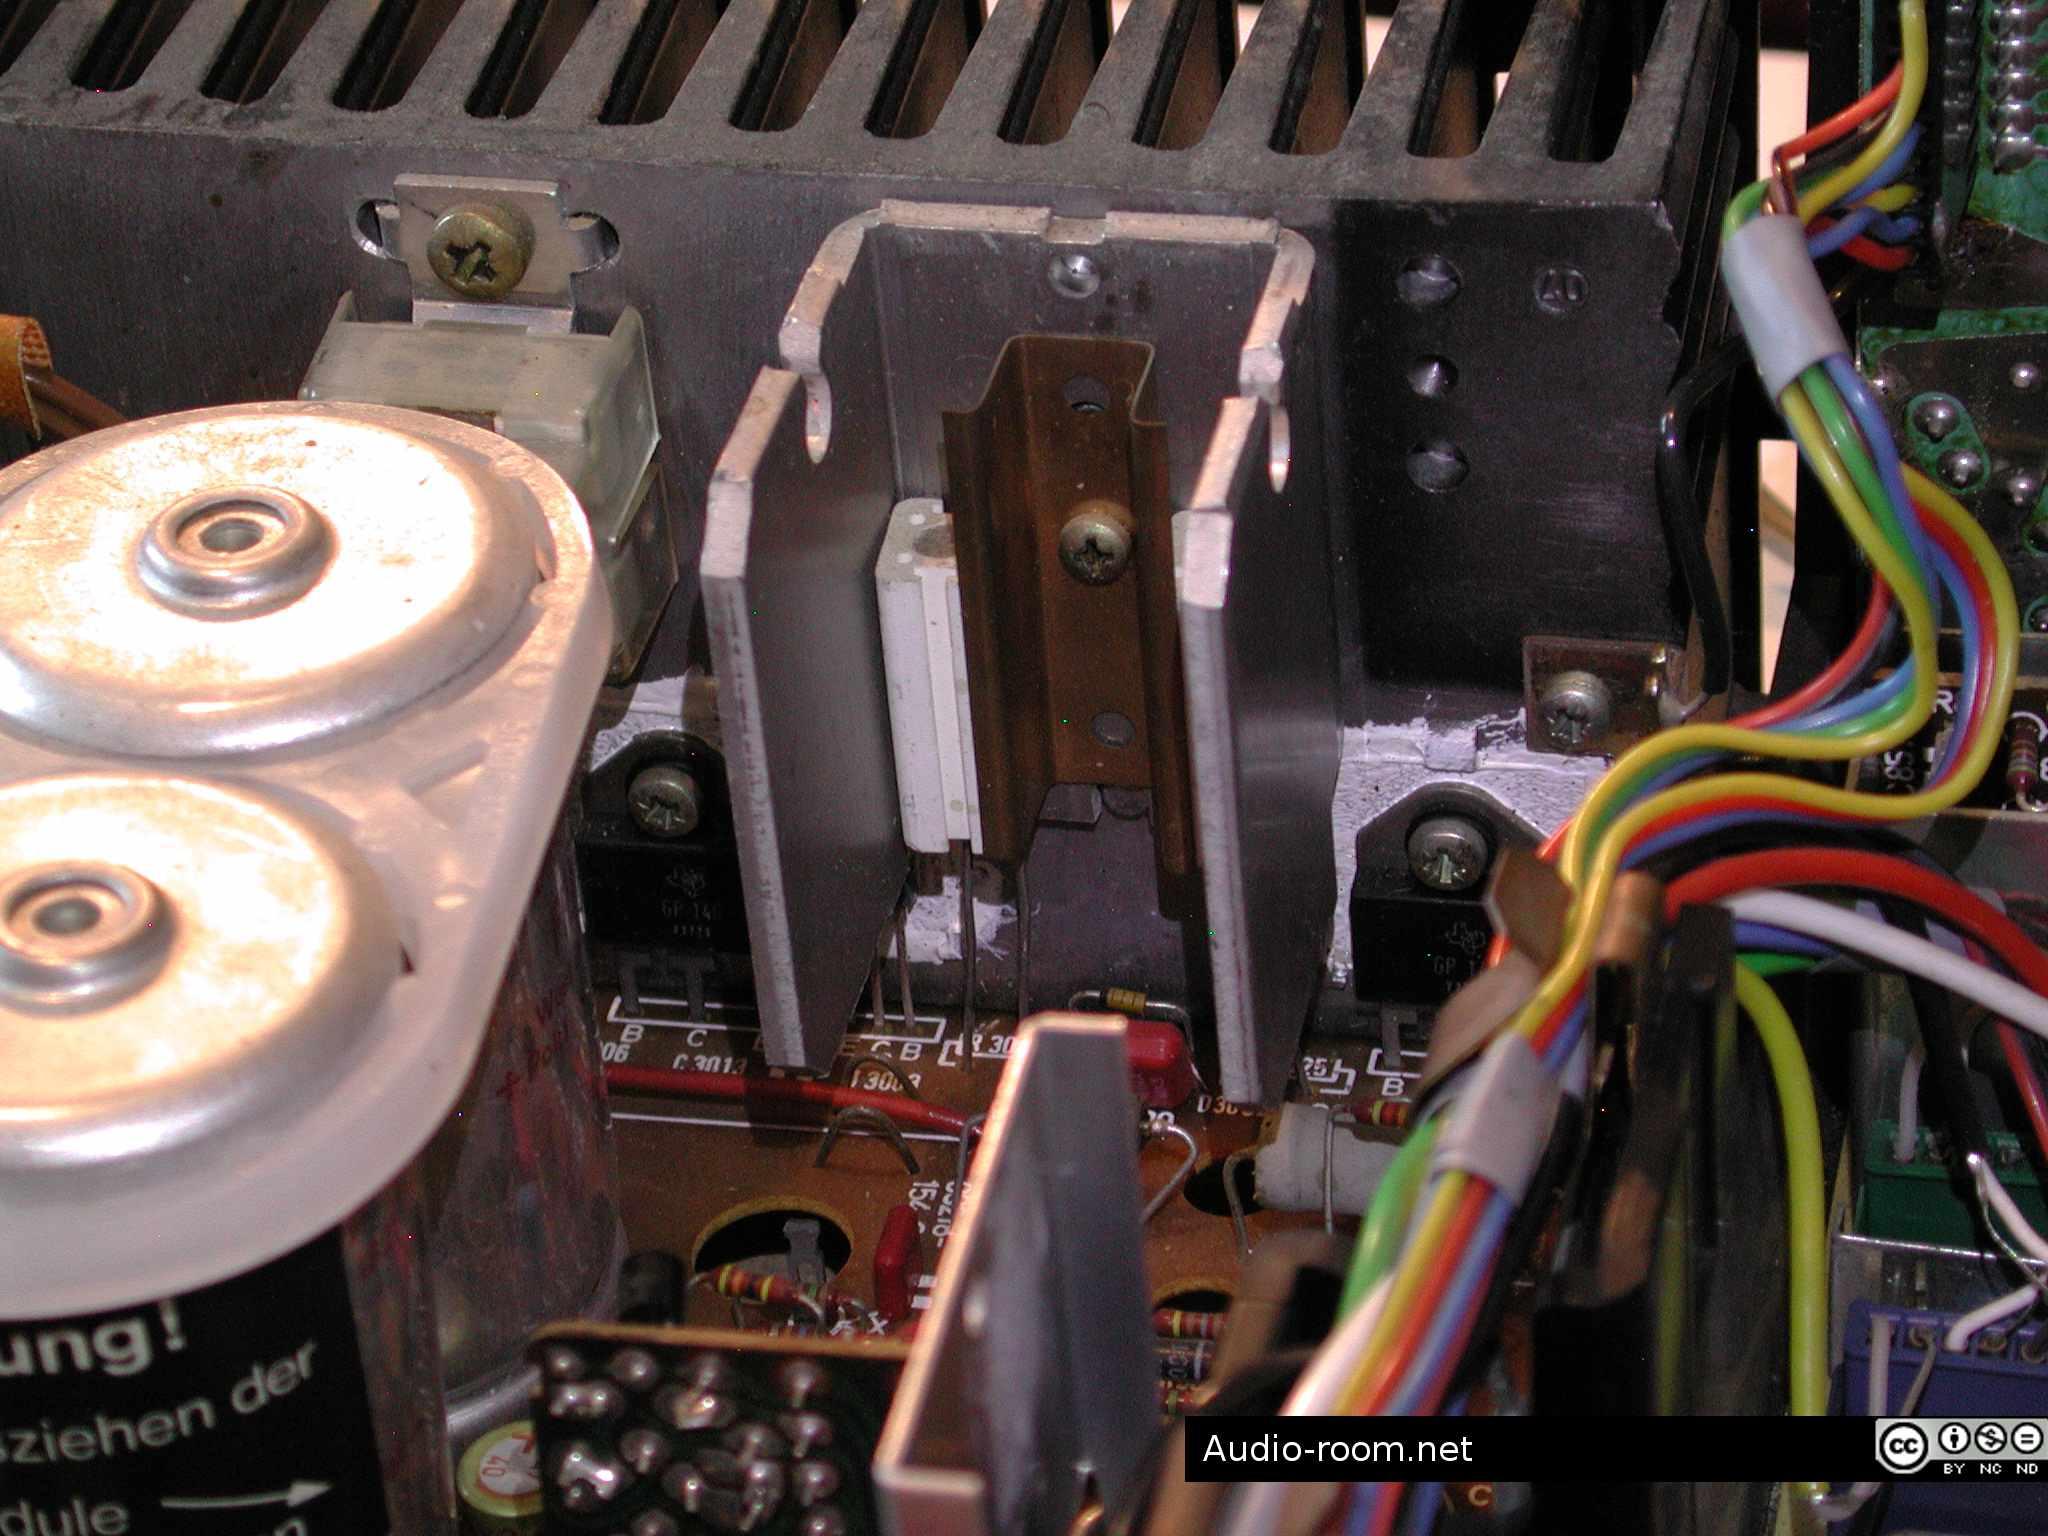 grundig-receiver-50 - dscn3373